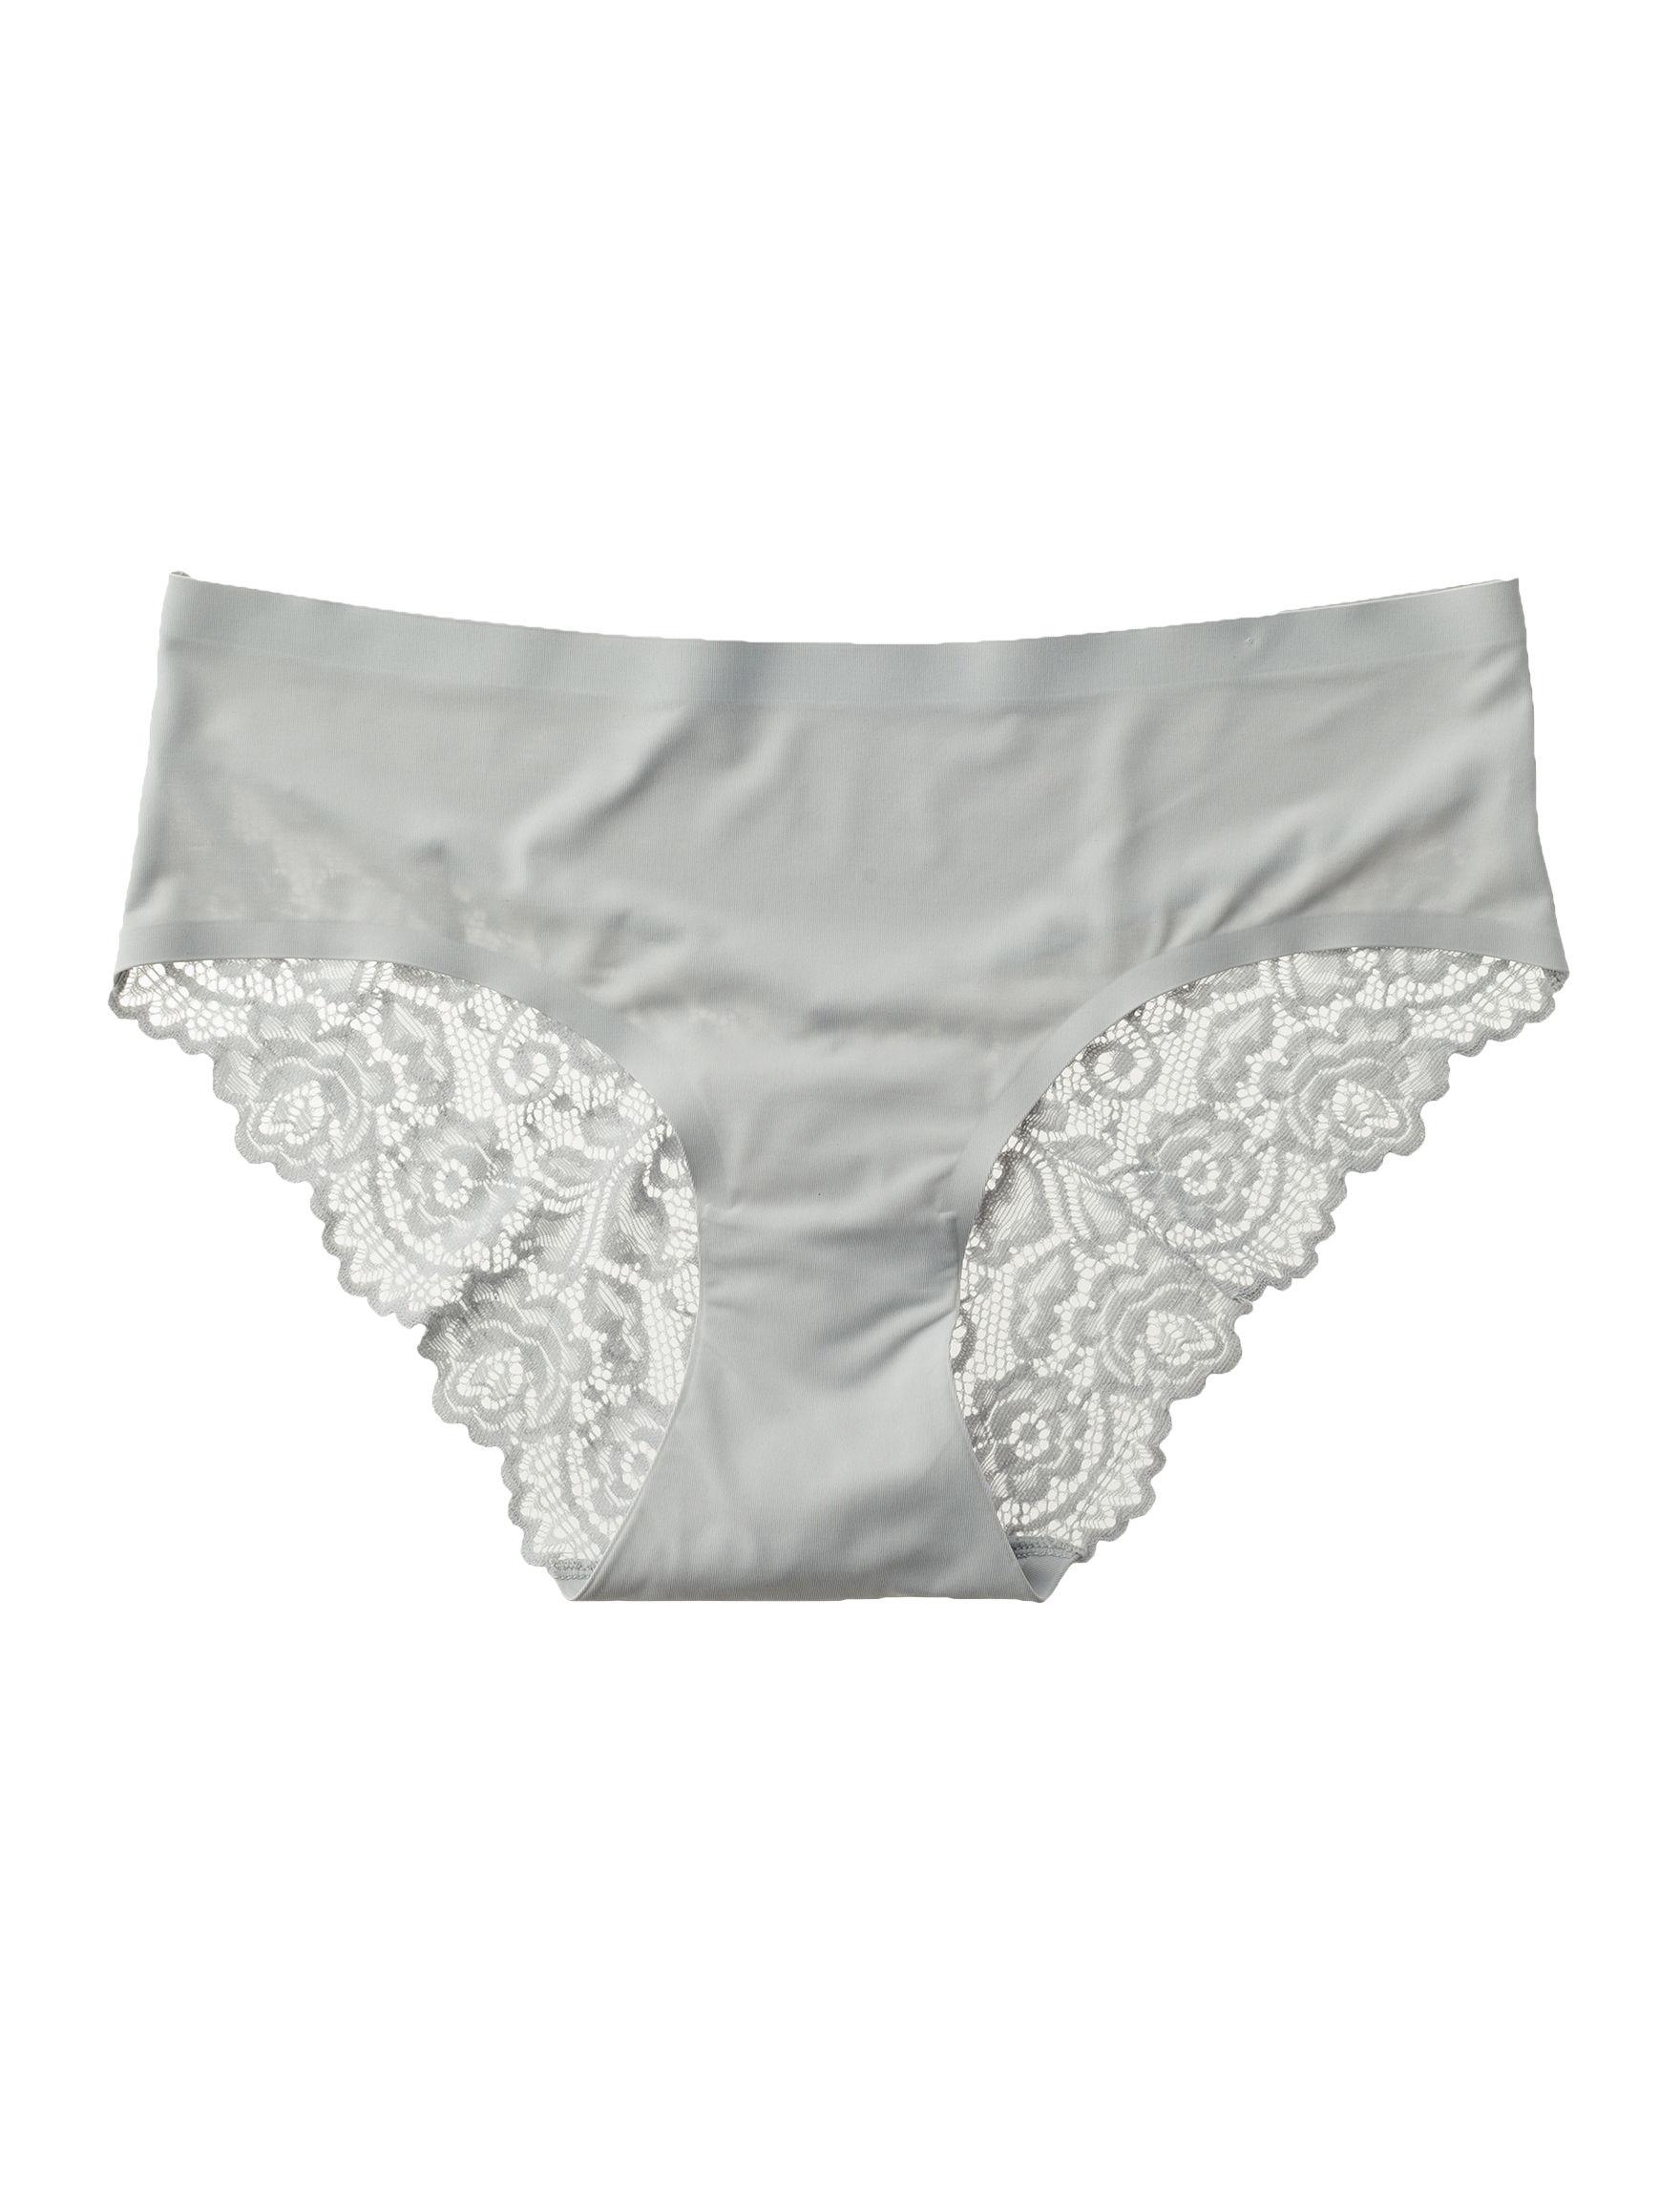 Rene Rofe Grey Panties High Cut Hipster